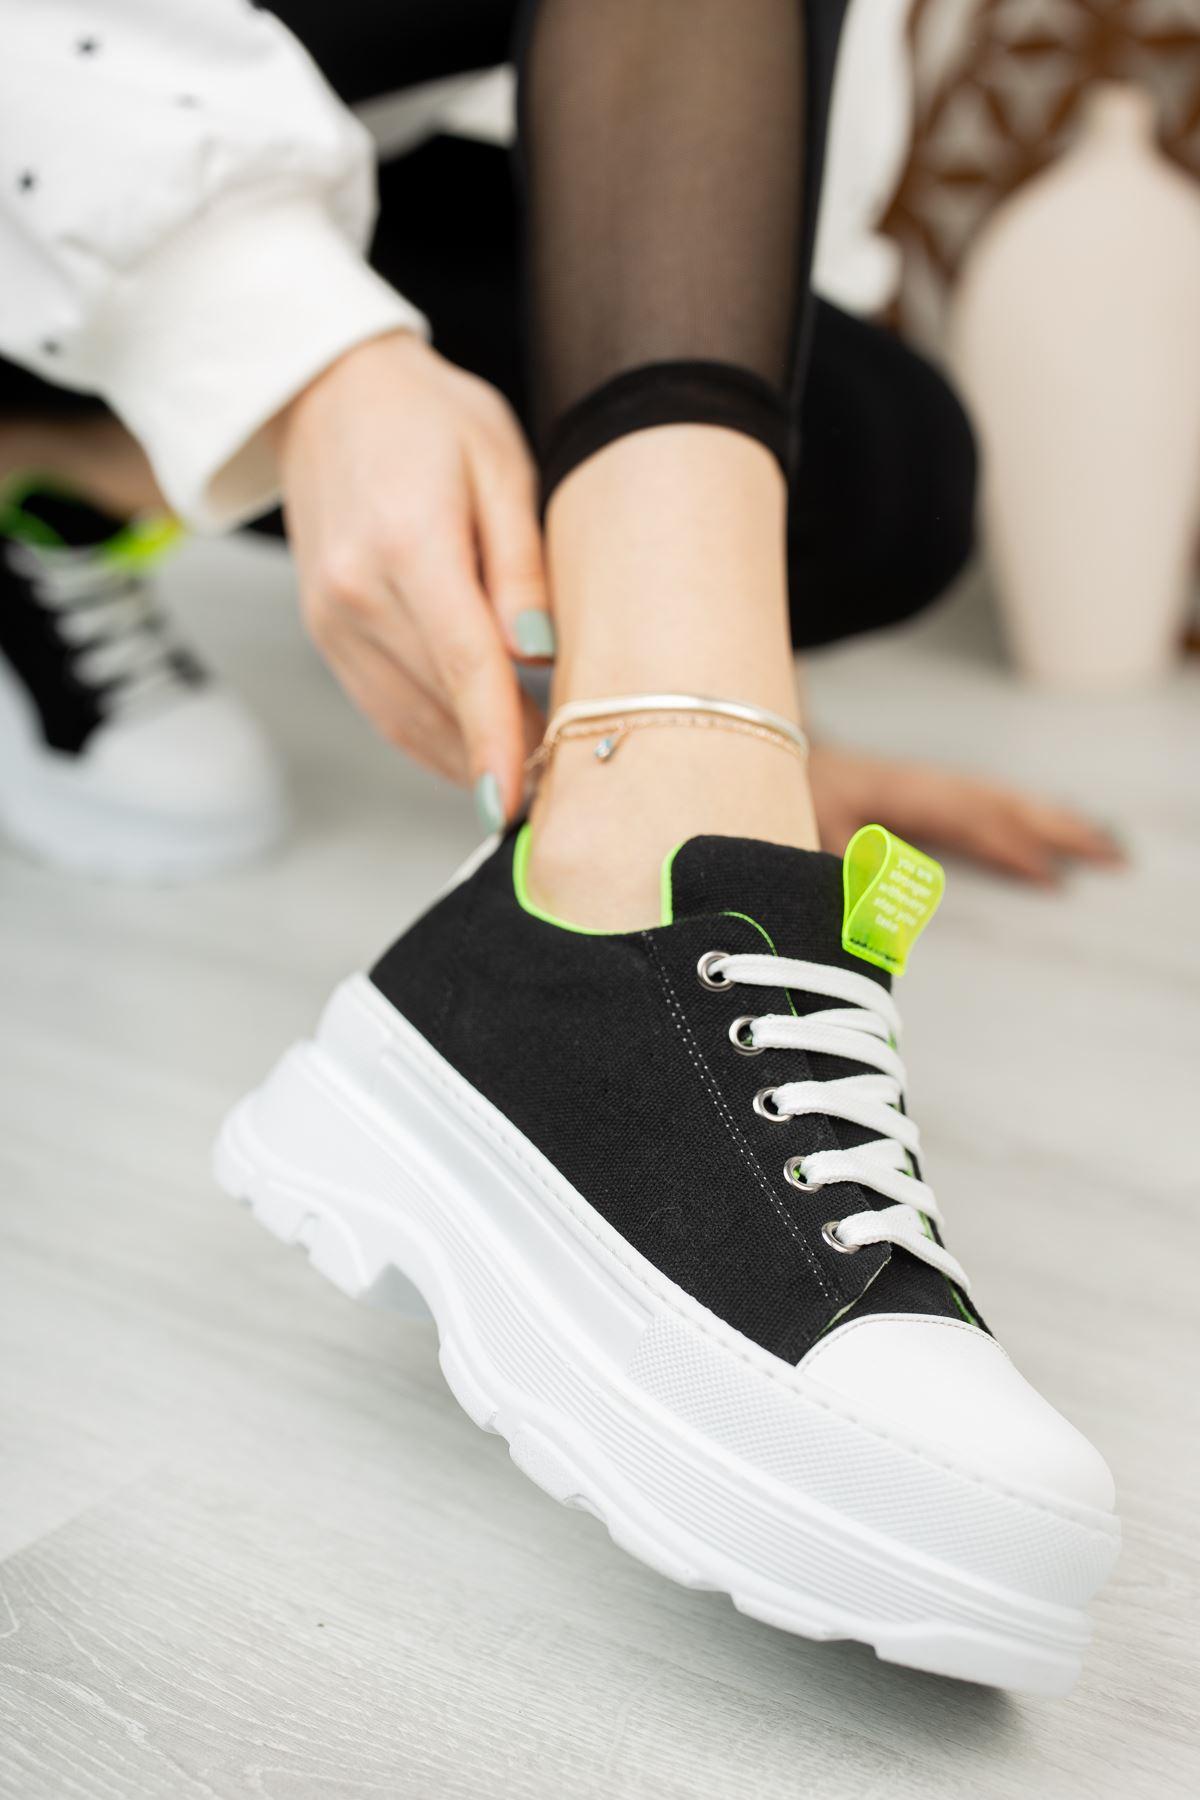 Kadın Toden Tekstil Bağcık Detaylı Kalın Taban Siyah Spor Ayakkabı